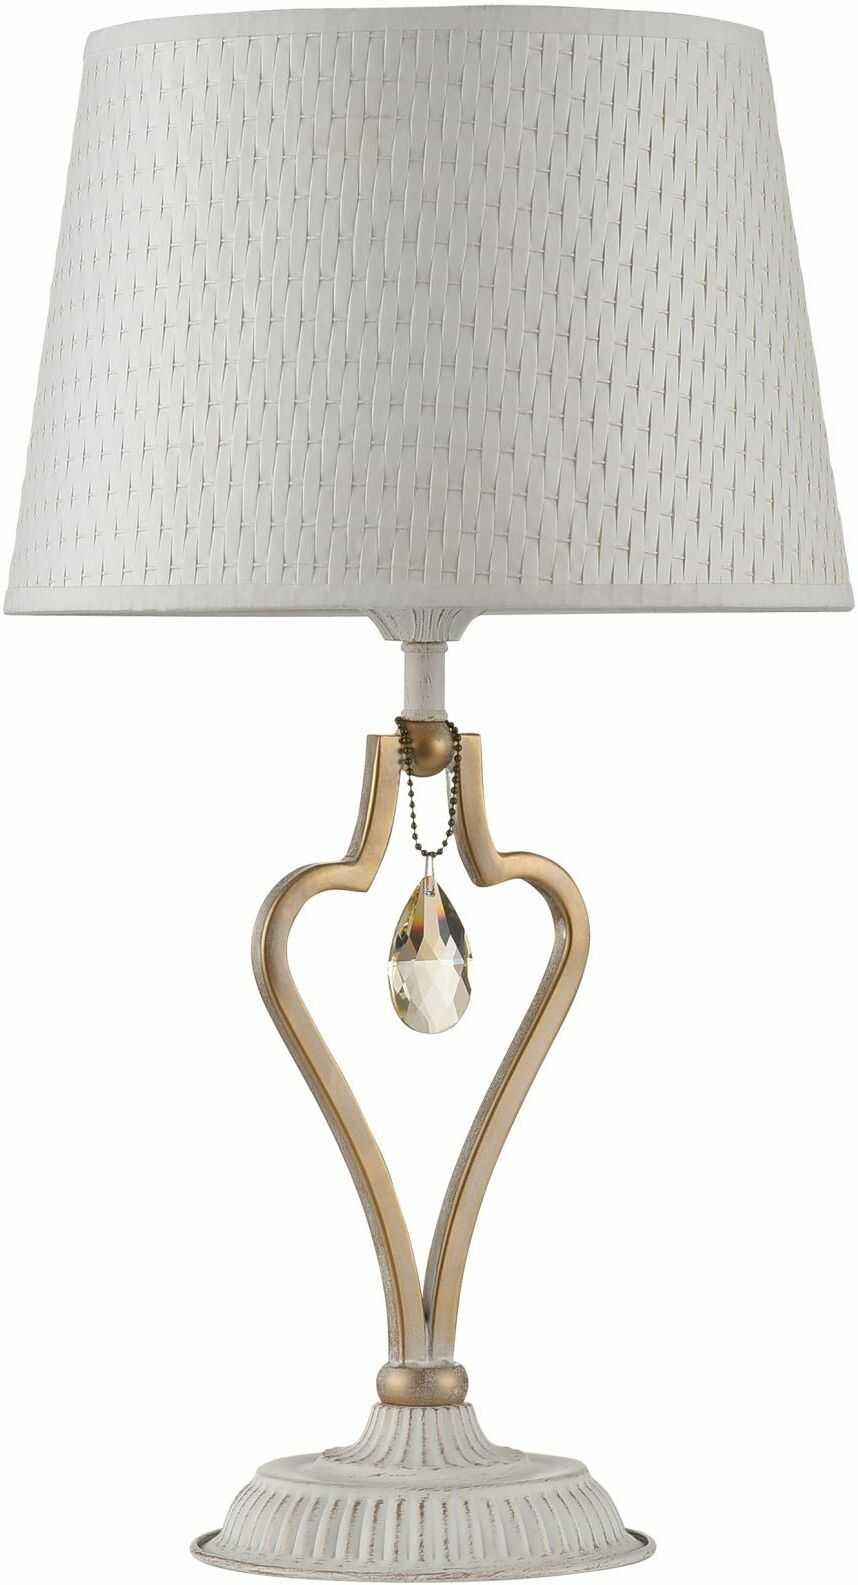 Maytoni Enna ARM548-11-WG lampa stołowa rama metalowa biała ze złotym kryształowe wisiorki wzorzysty biały klosz 1xE27 40W 27 cm